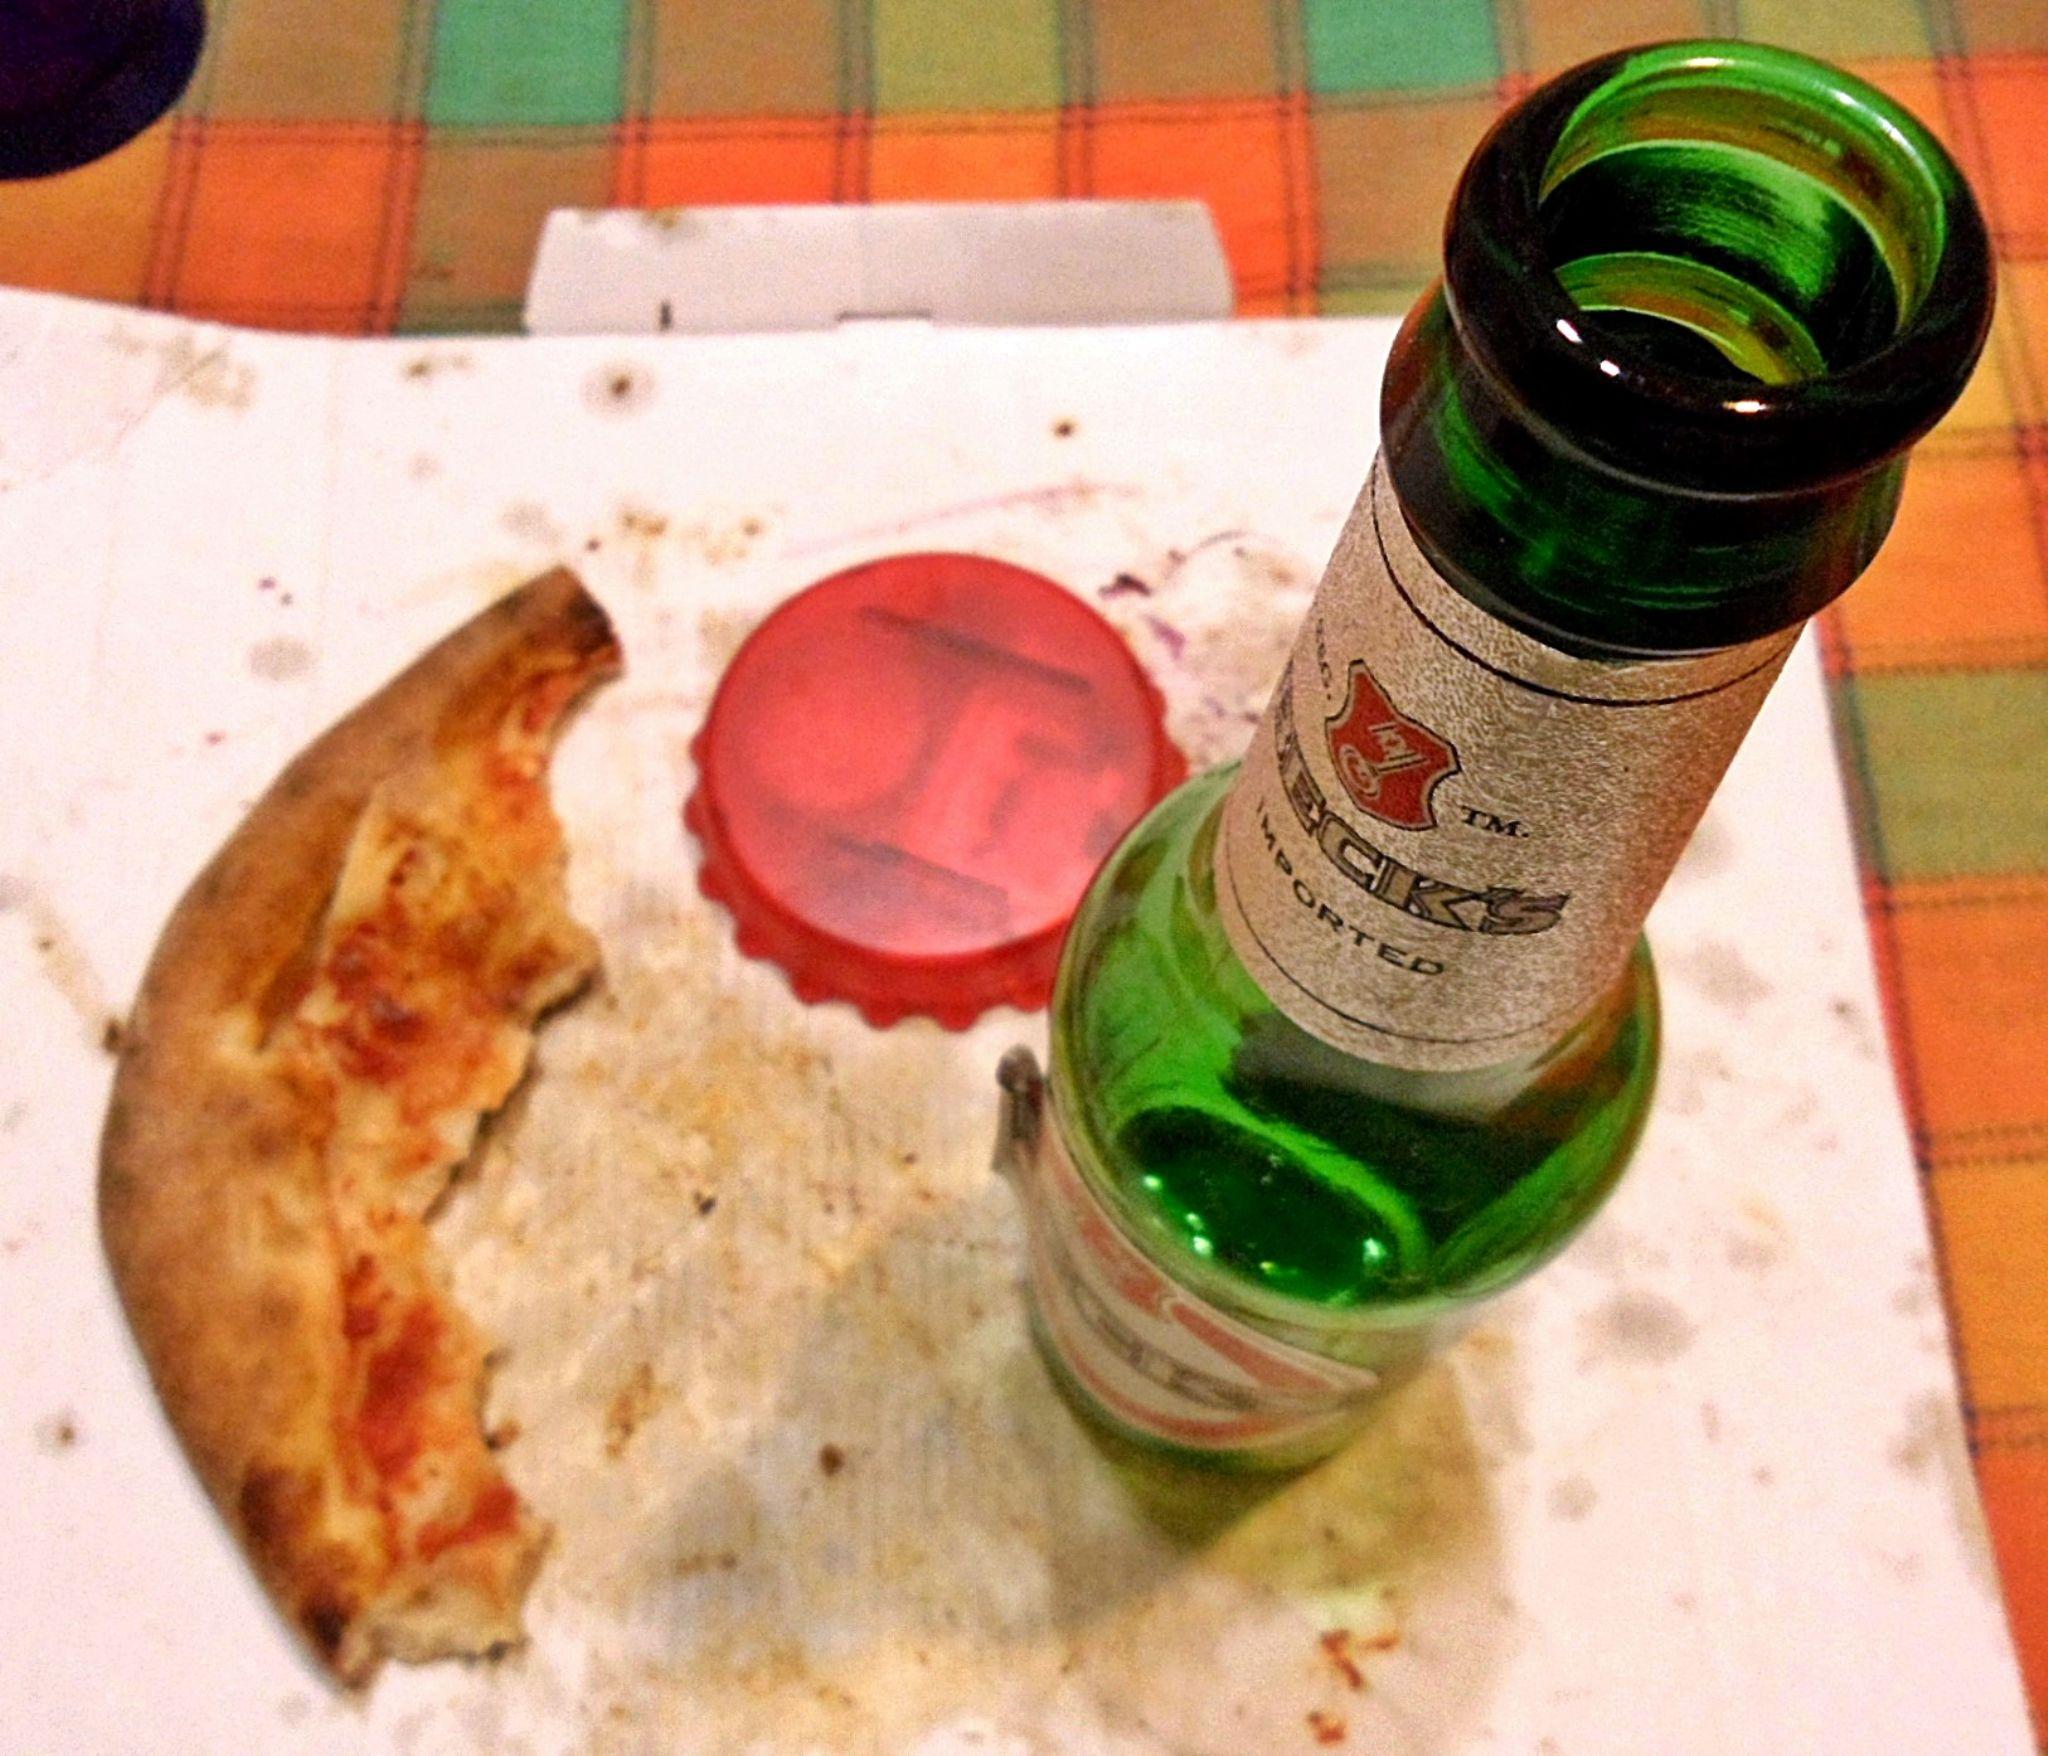 Pizza by Giovanni Paolo Ievolella